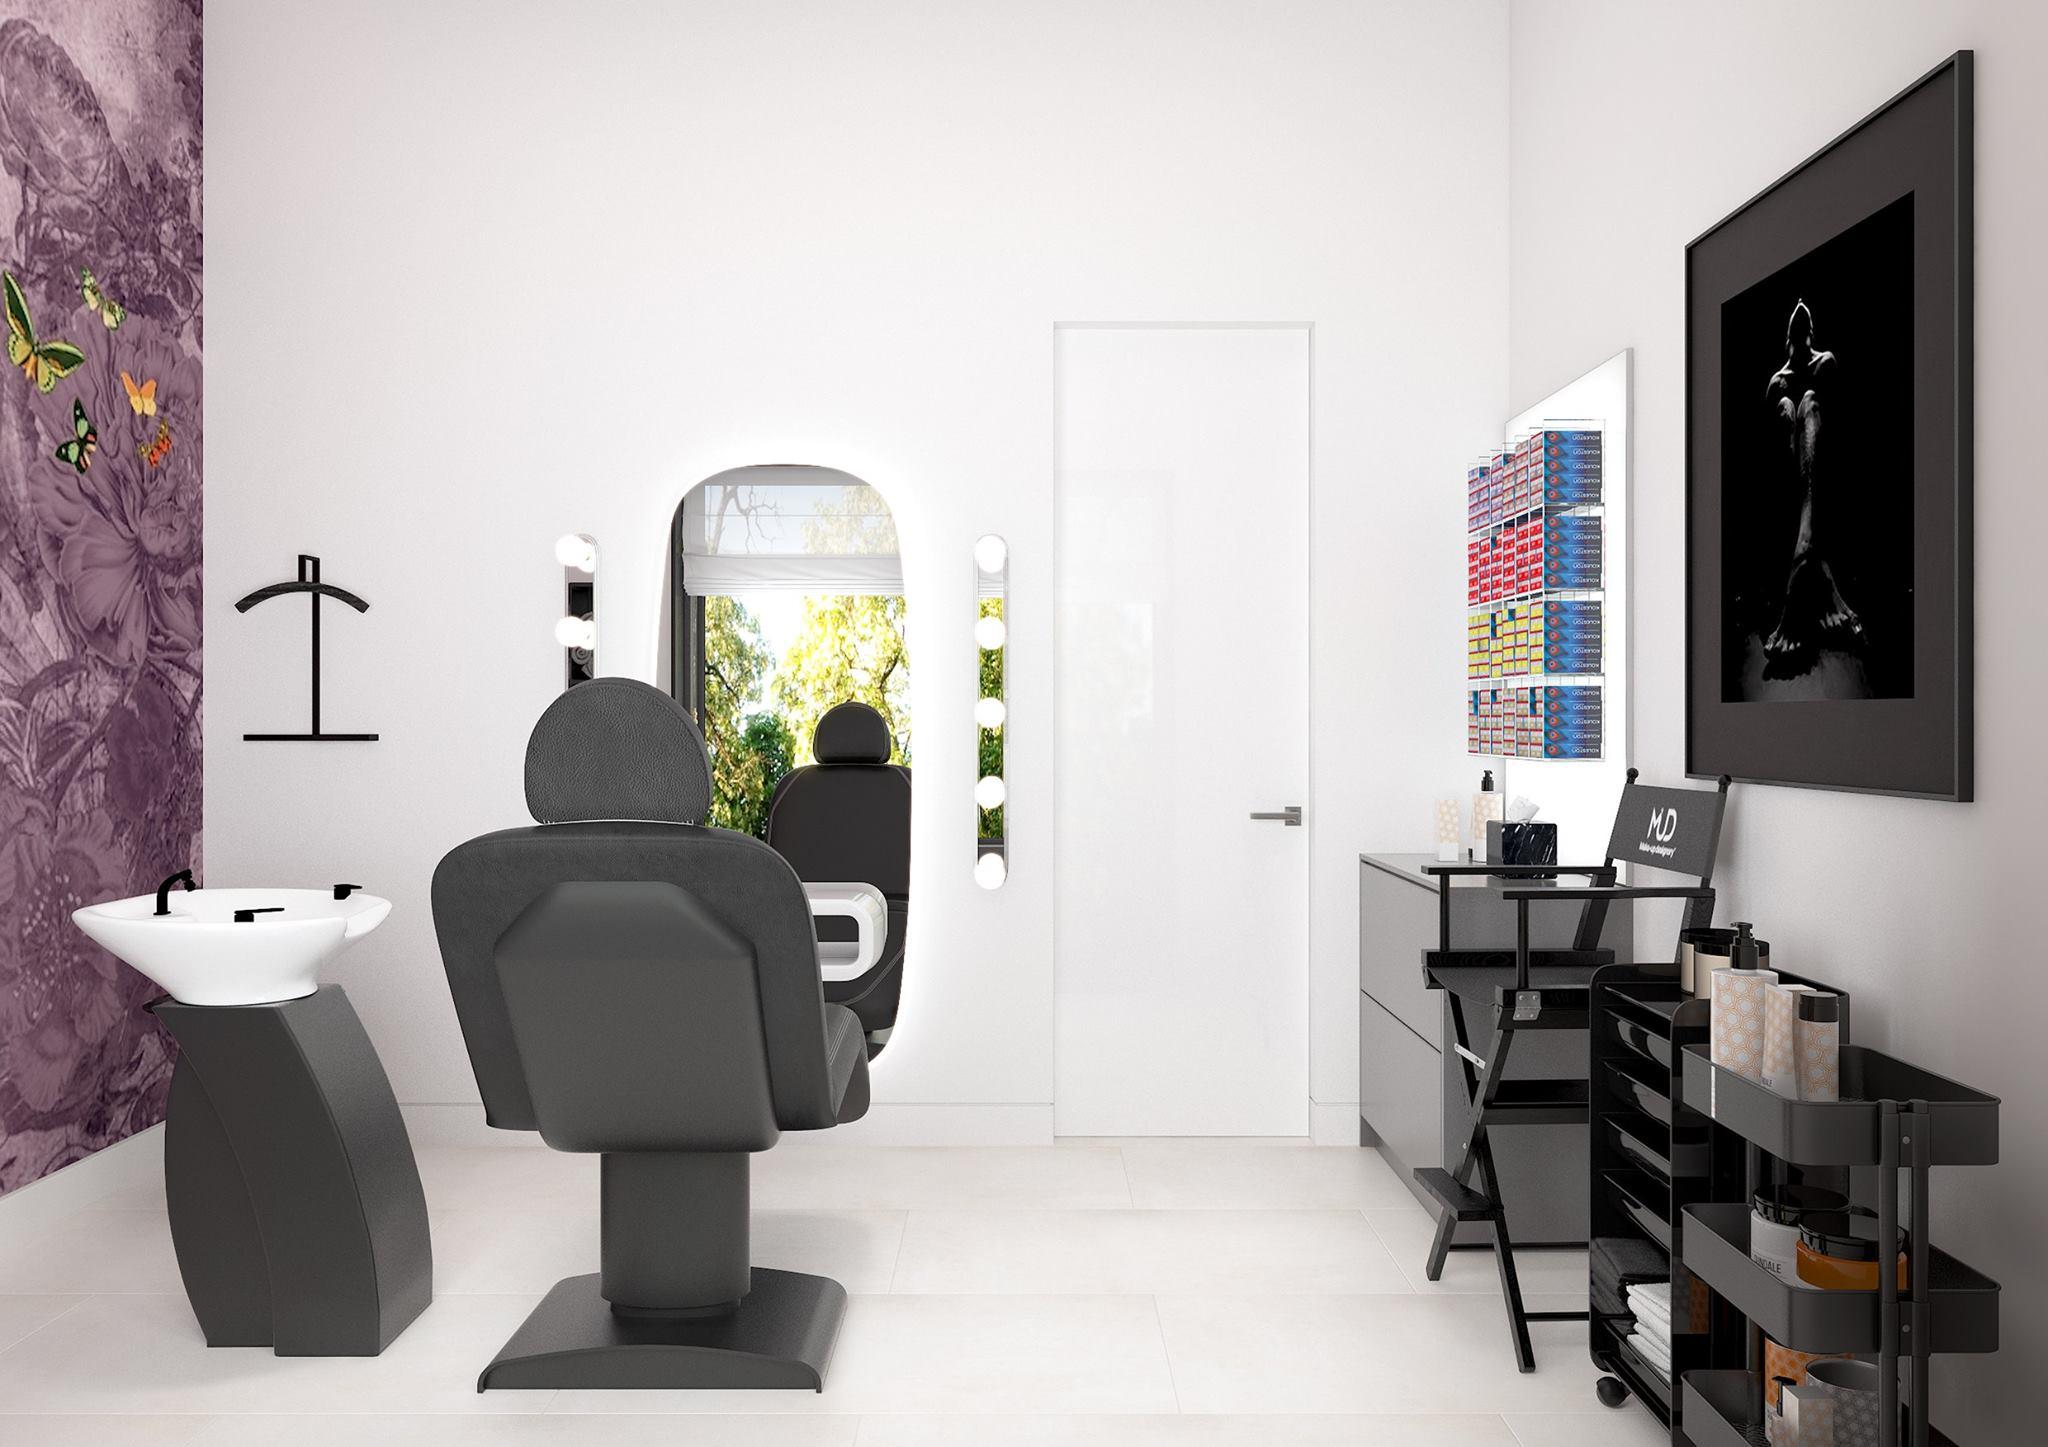 интерьерный дизайн  Салон красоты в Астане - проект Натальи Большаковой 12973366 894397250679882 2500797908975902516 o